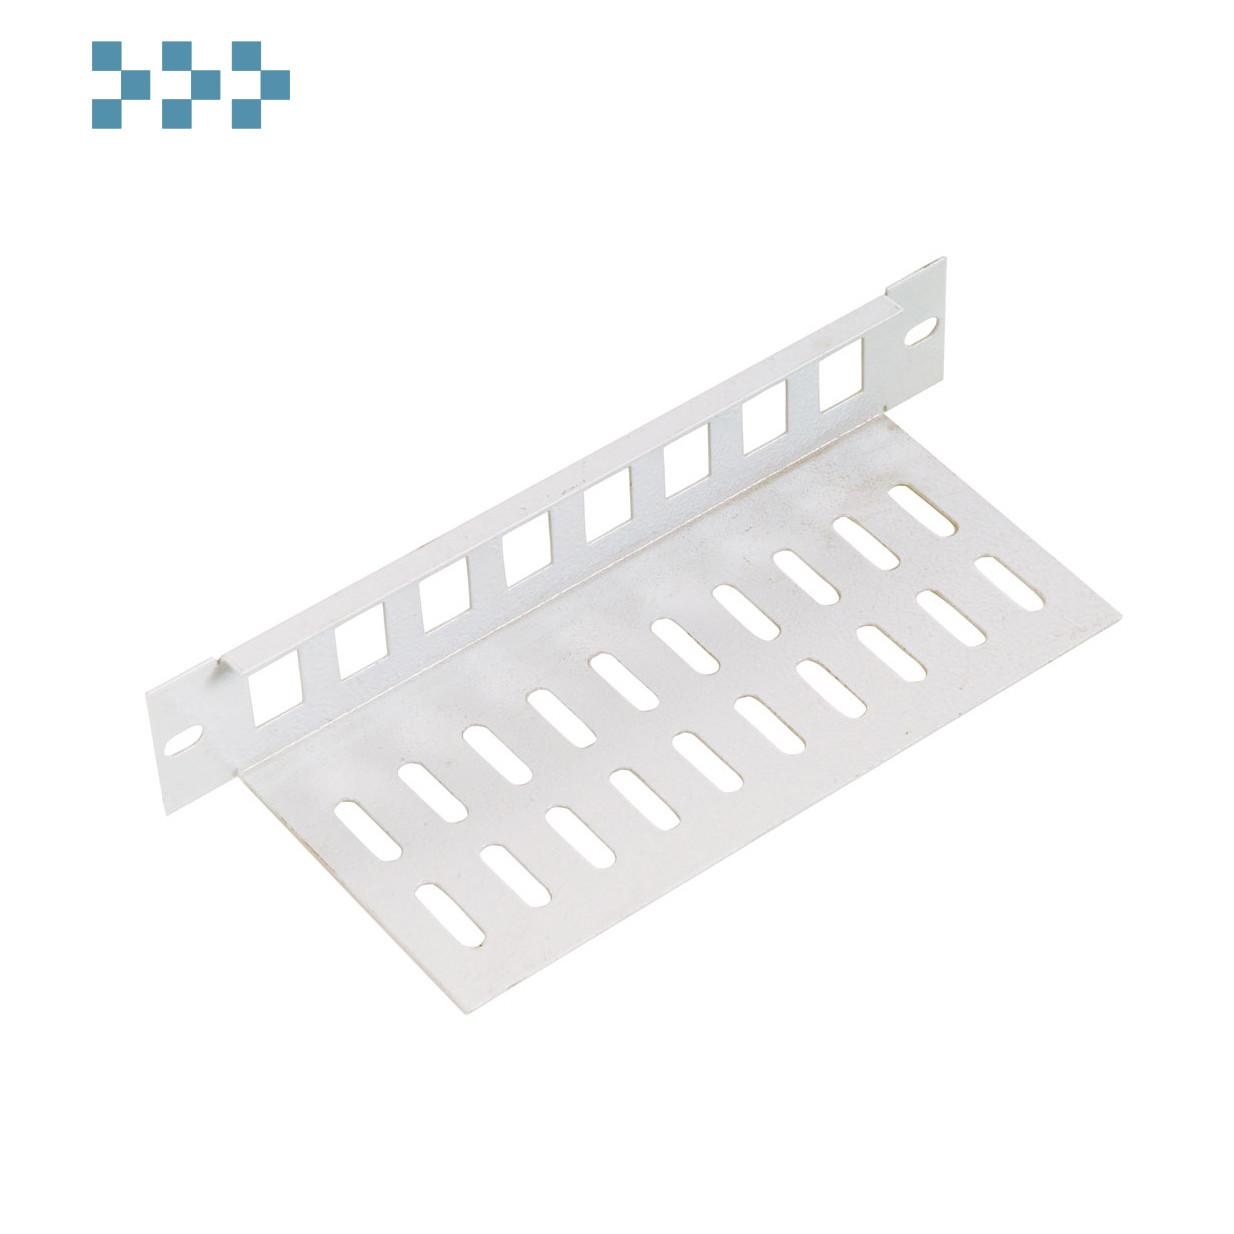 Патч-панель ЦМО ПТ-6-10